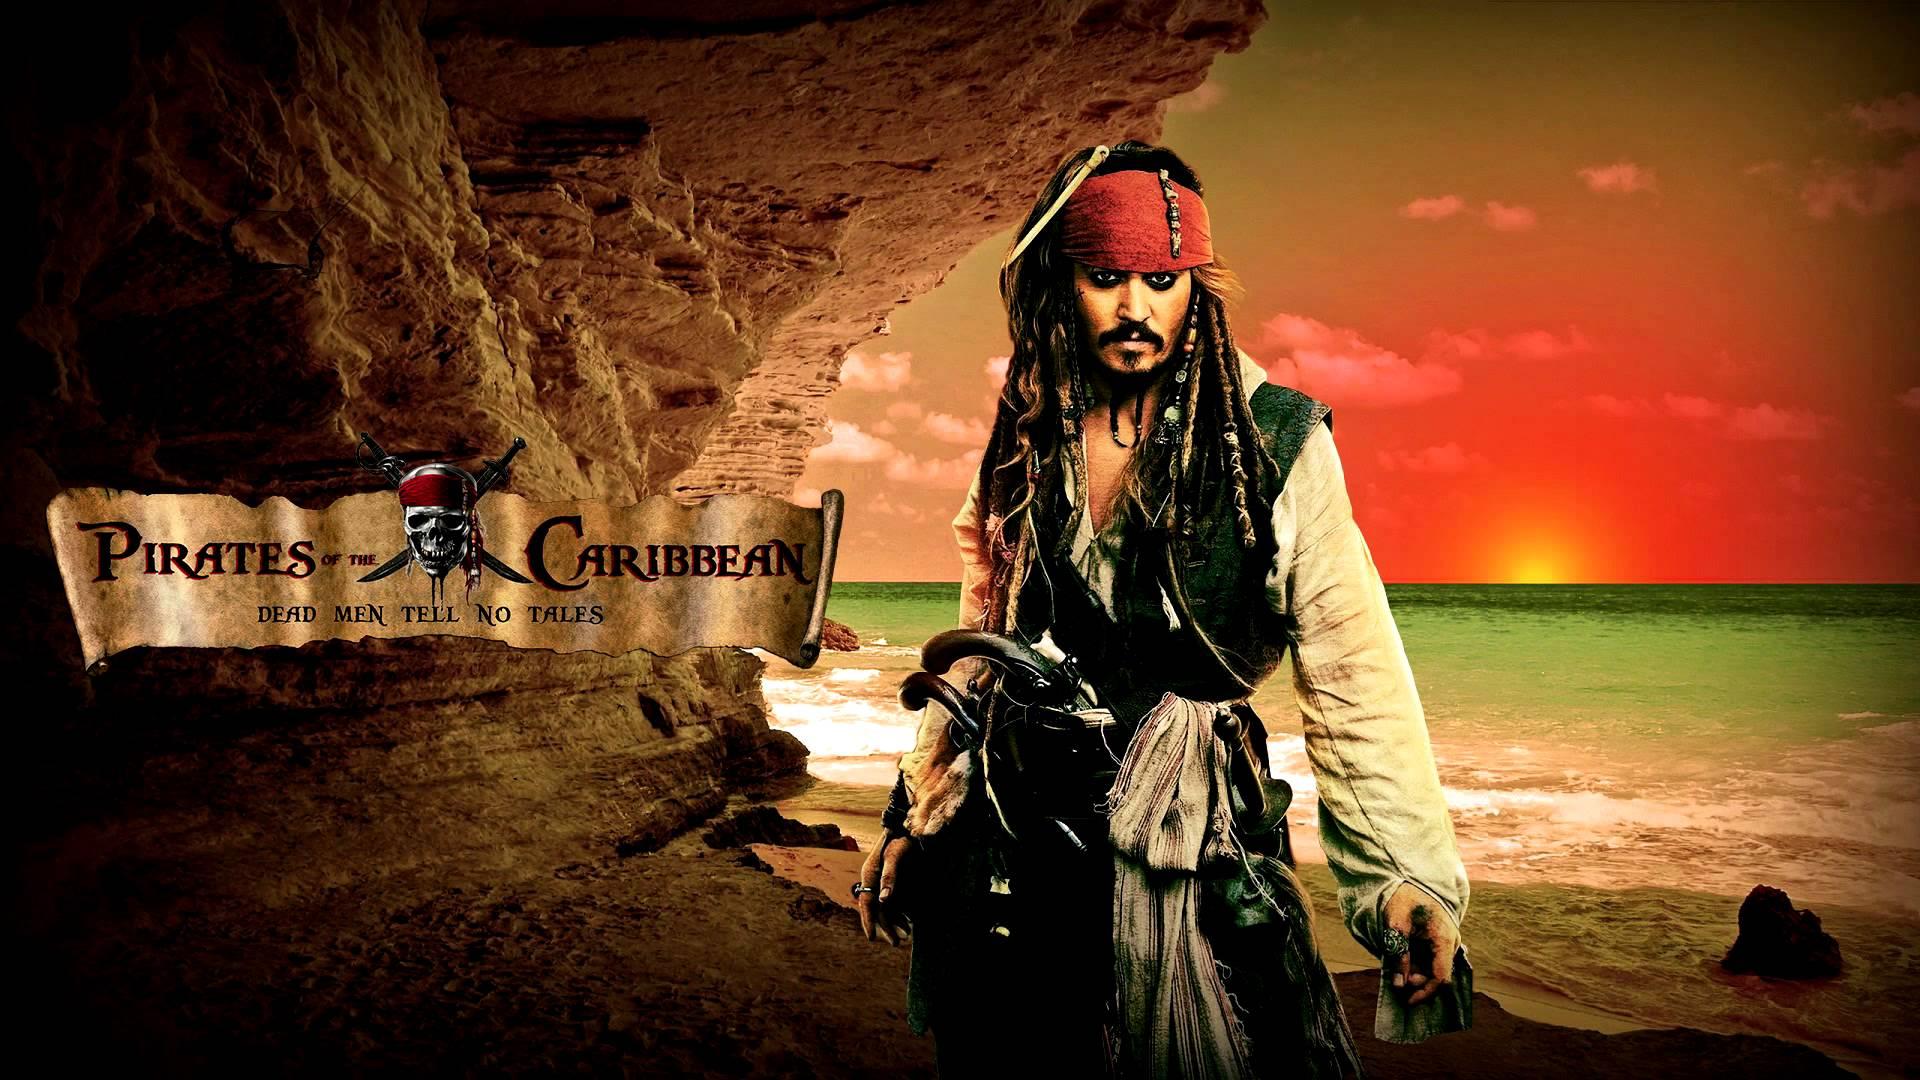 Пираты Карибского моря: Мертвецы не рассказывают сказки / Pirates of the Caribbean Dead Men Tell No Tales